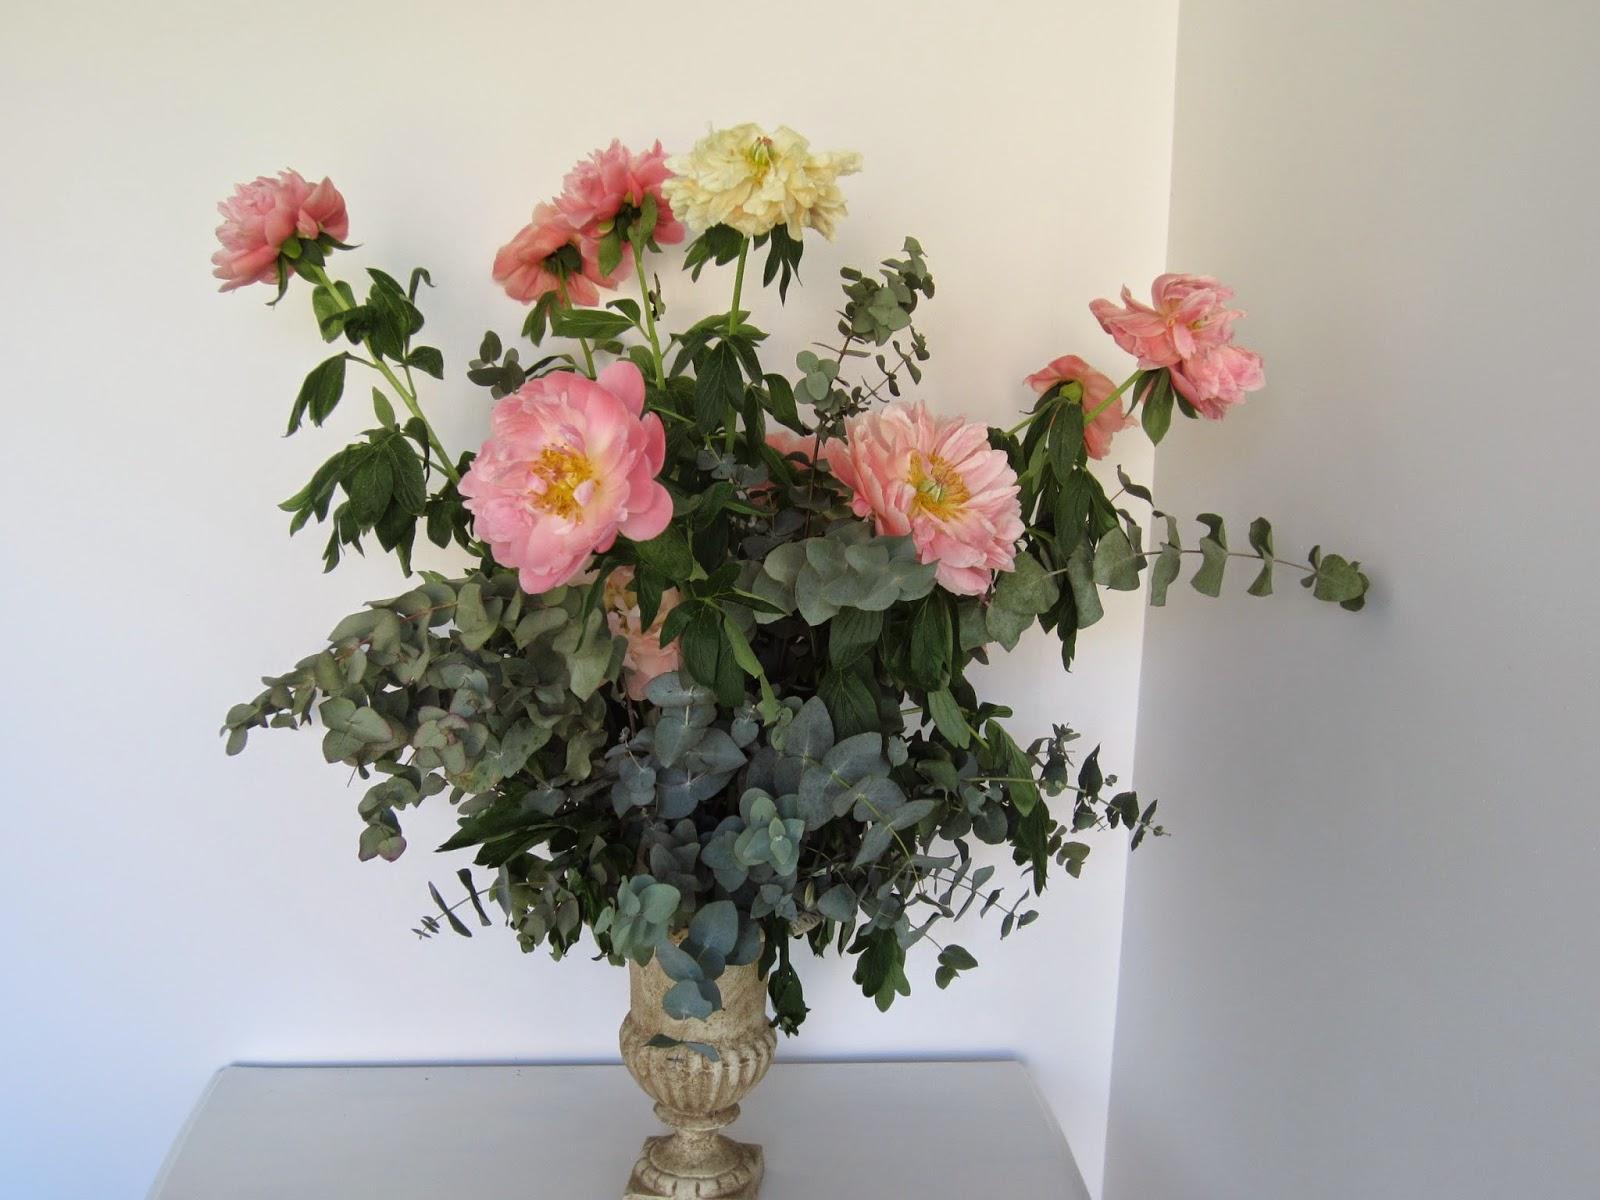 la petite boutique de fleurs fleuriste mariage lyon fleuriste mariage rh ne premi res. Black Bedroom Furniture Sets. Home Design Ideas